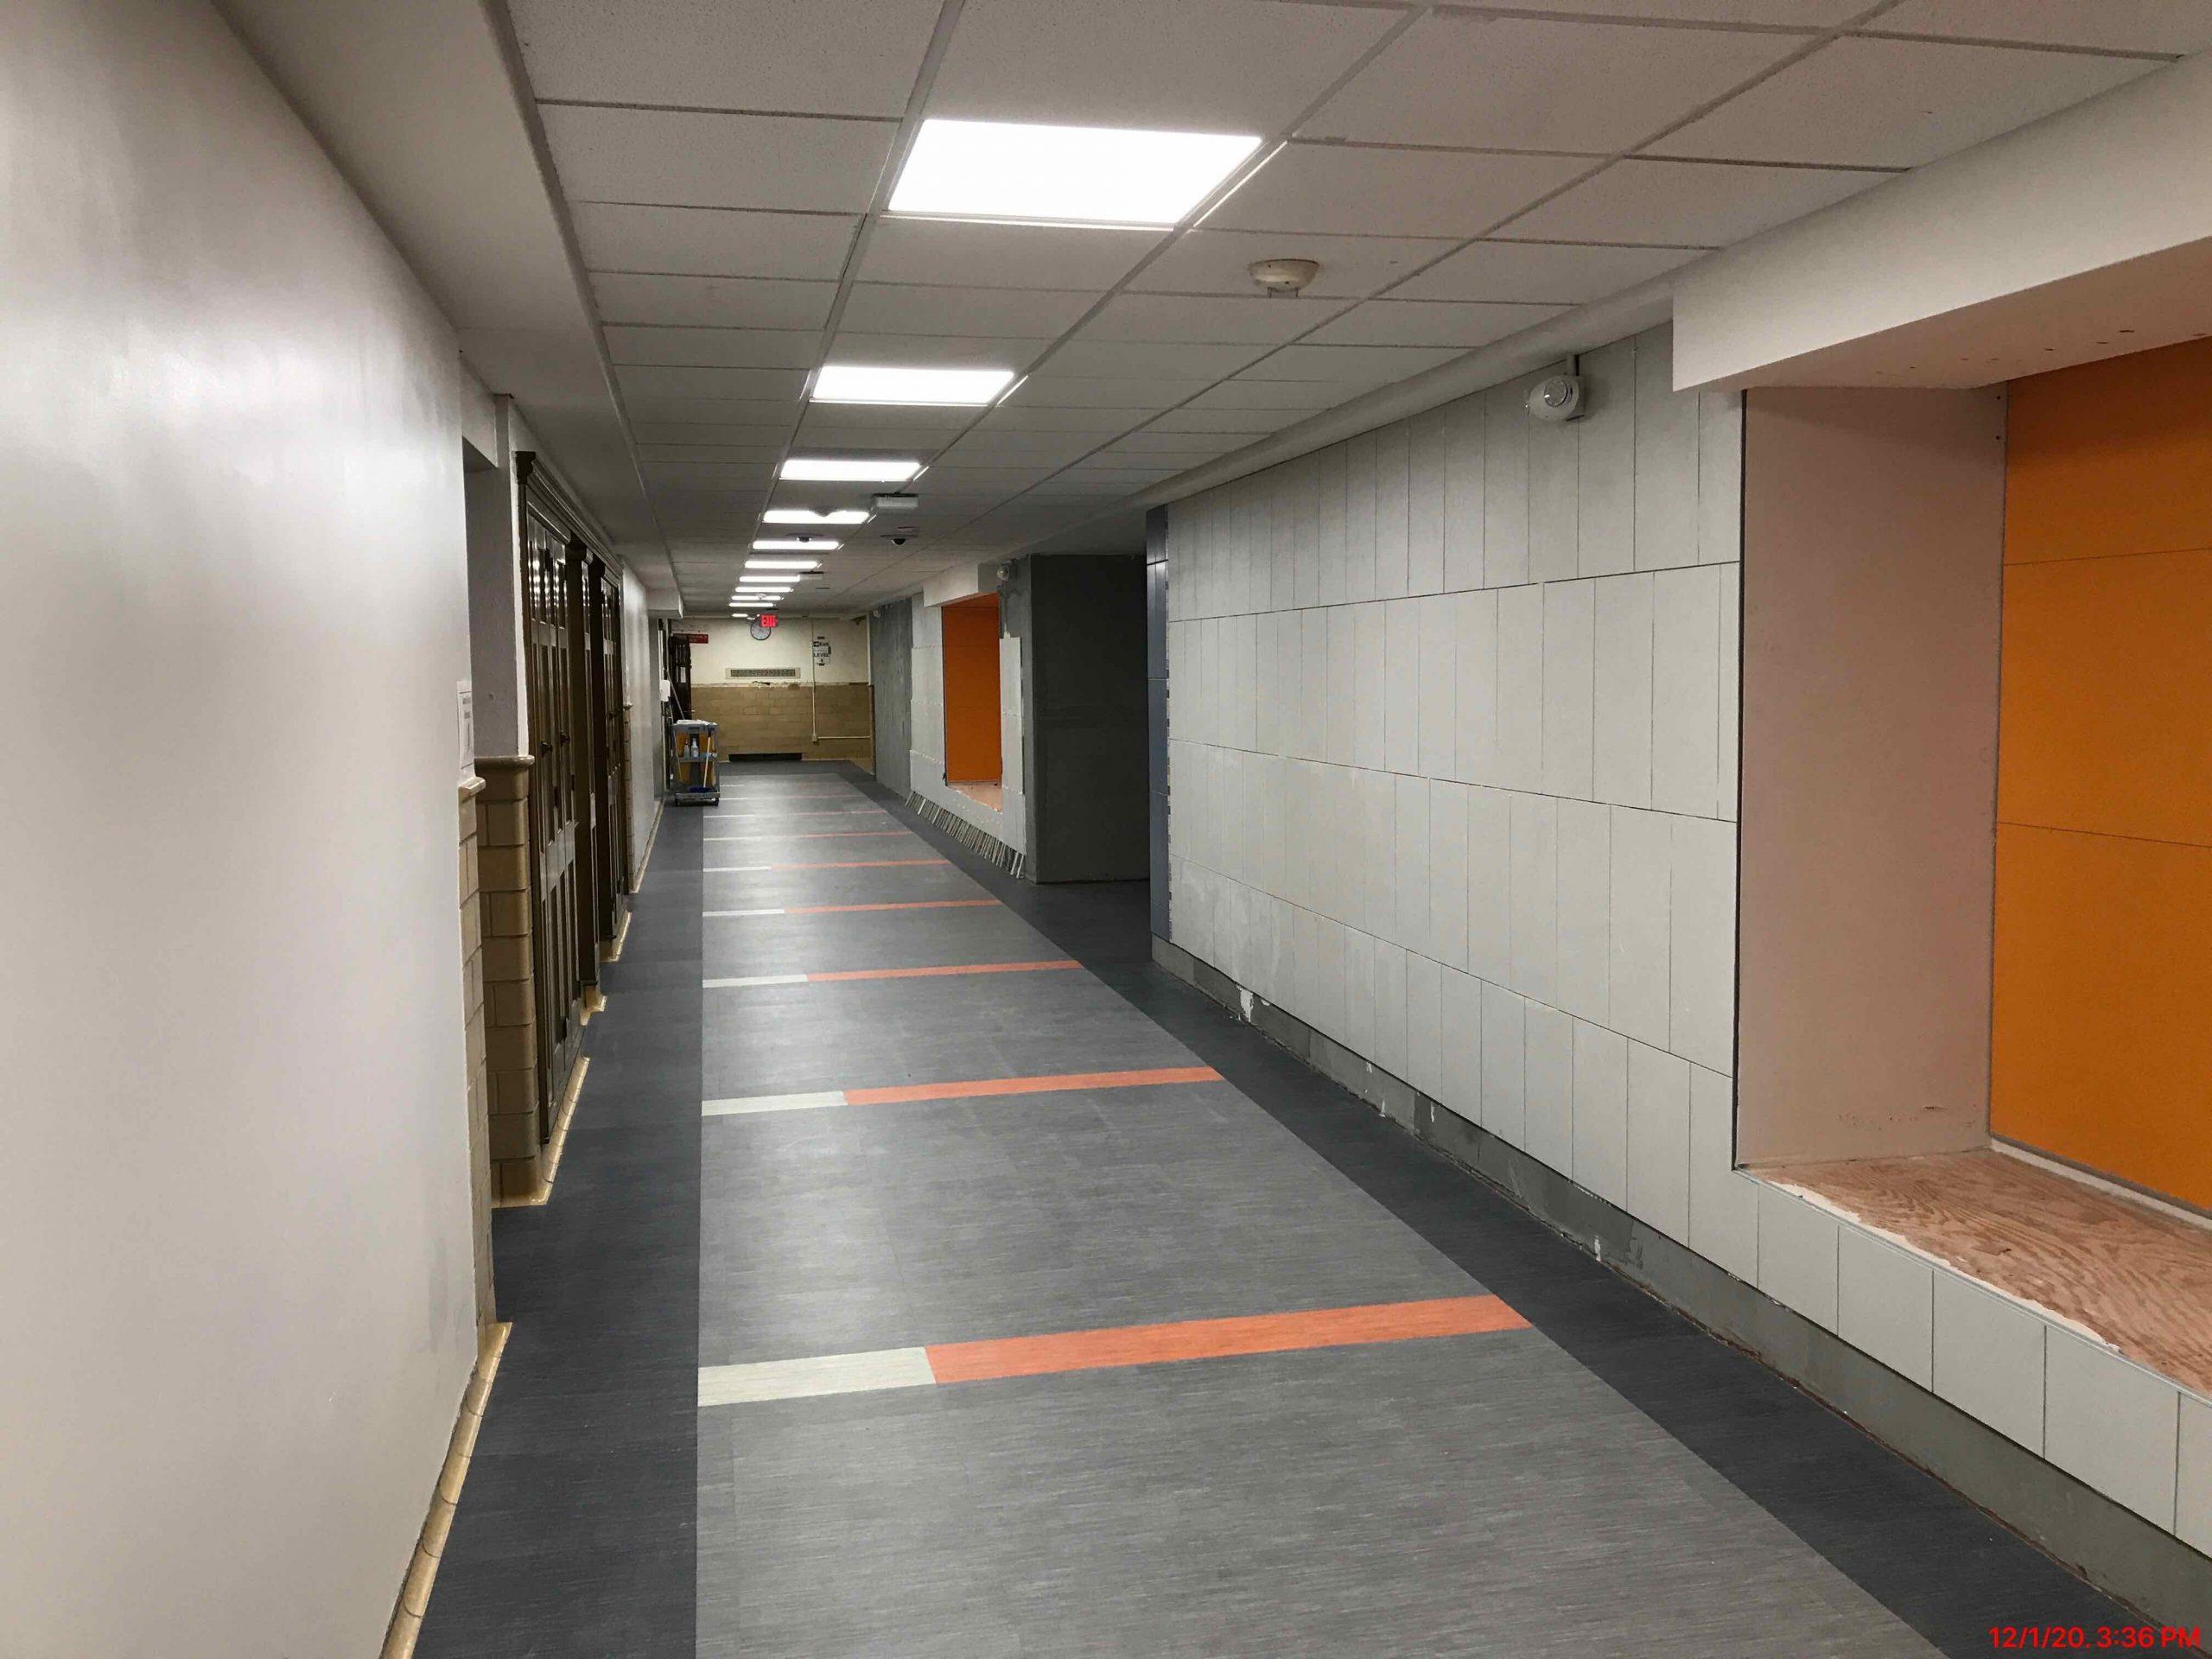 Corridor Update! image 0